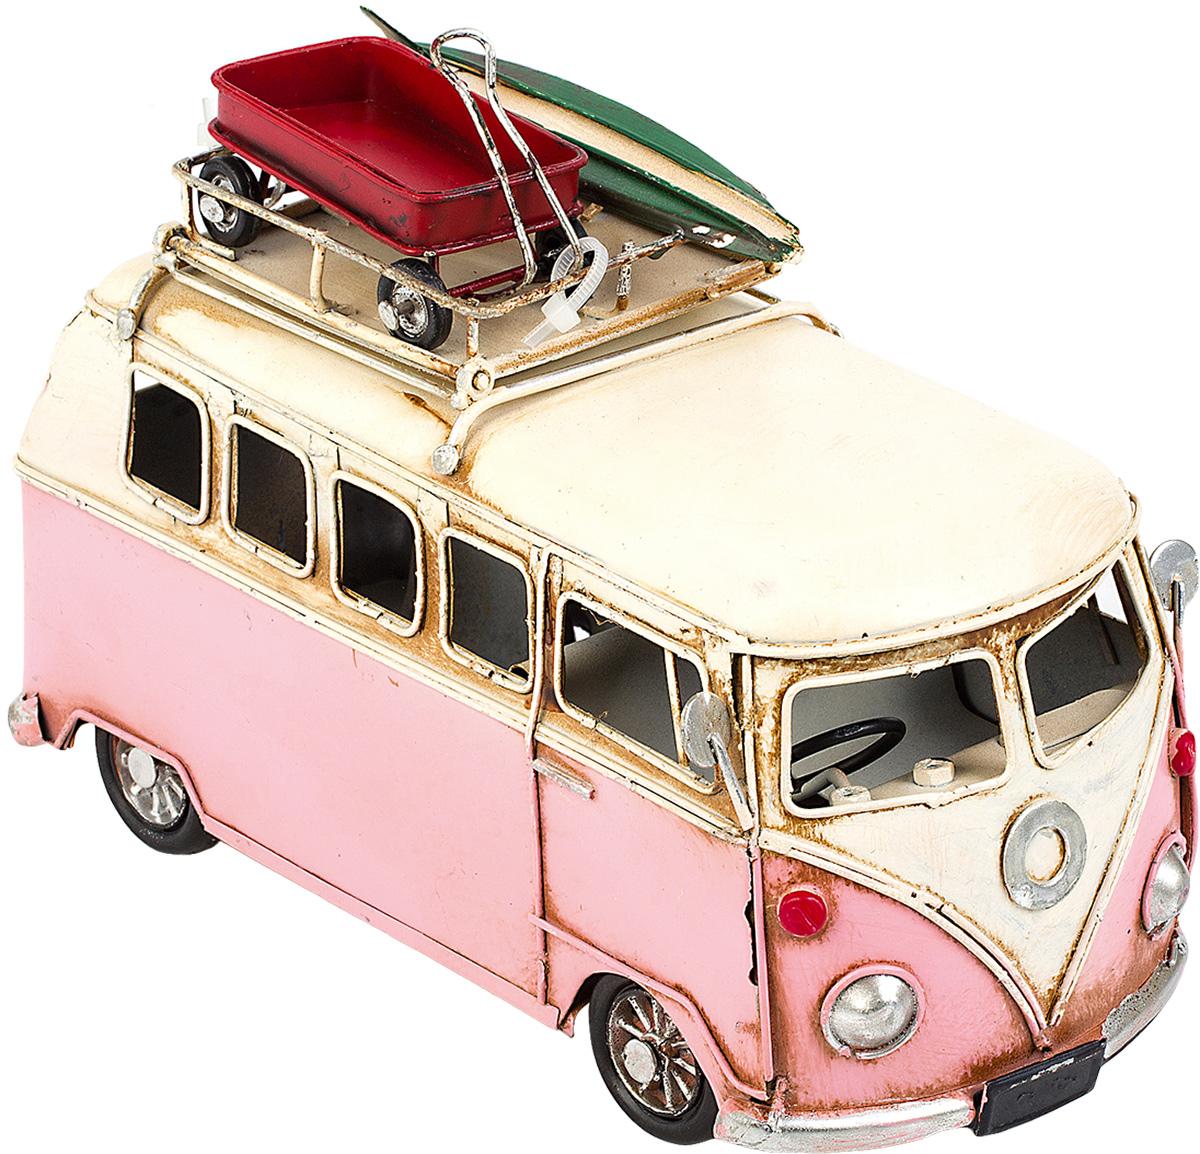 Модель Platinum Автобус, с фоторамкой. 1404E-43531404E-4353Модель Platinum Автобус, выполненная из металла, станет оригинальнымукрашением вашегоинтерьера. Вы можете поставить модель автобуса в любом месте, где онабудет удачно смотреться. Изделие дополнено фоторамкой, куда вы можете вставить вашу любимуюфотографию. Качество исполнения, точные детали и оригинальный дизайн выделяют этумодель среди ряда подобных. Модель займет достойное место в вашейколлекции, а также приятно удивит получателя в качестве стильного сувенира. Размер фотографии: 4 х 5 см.